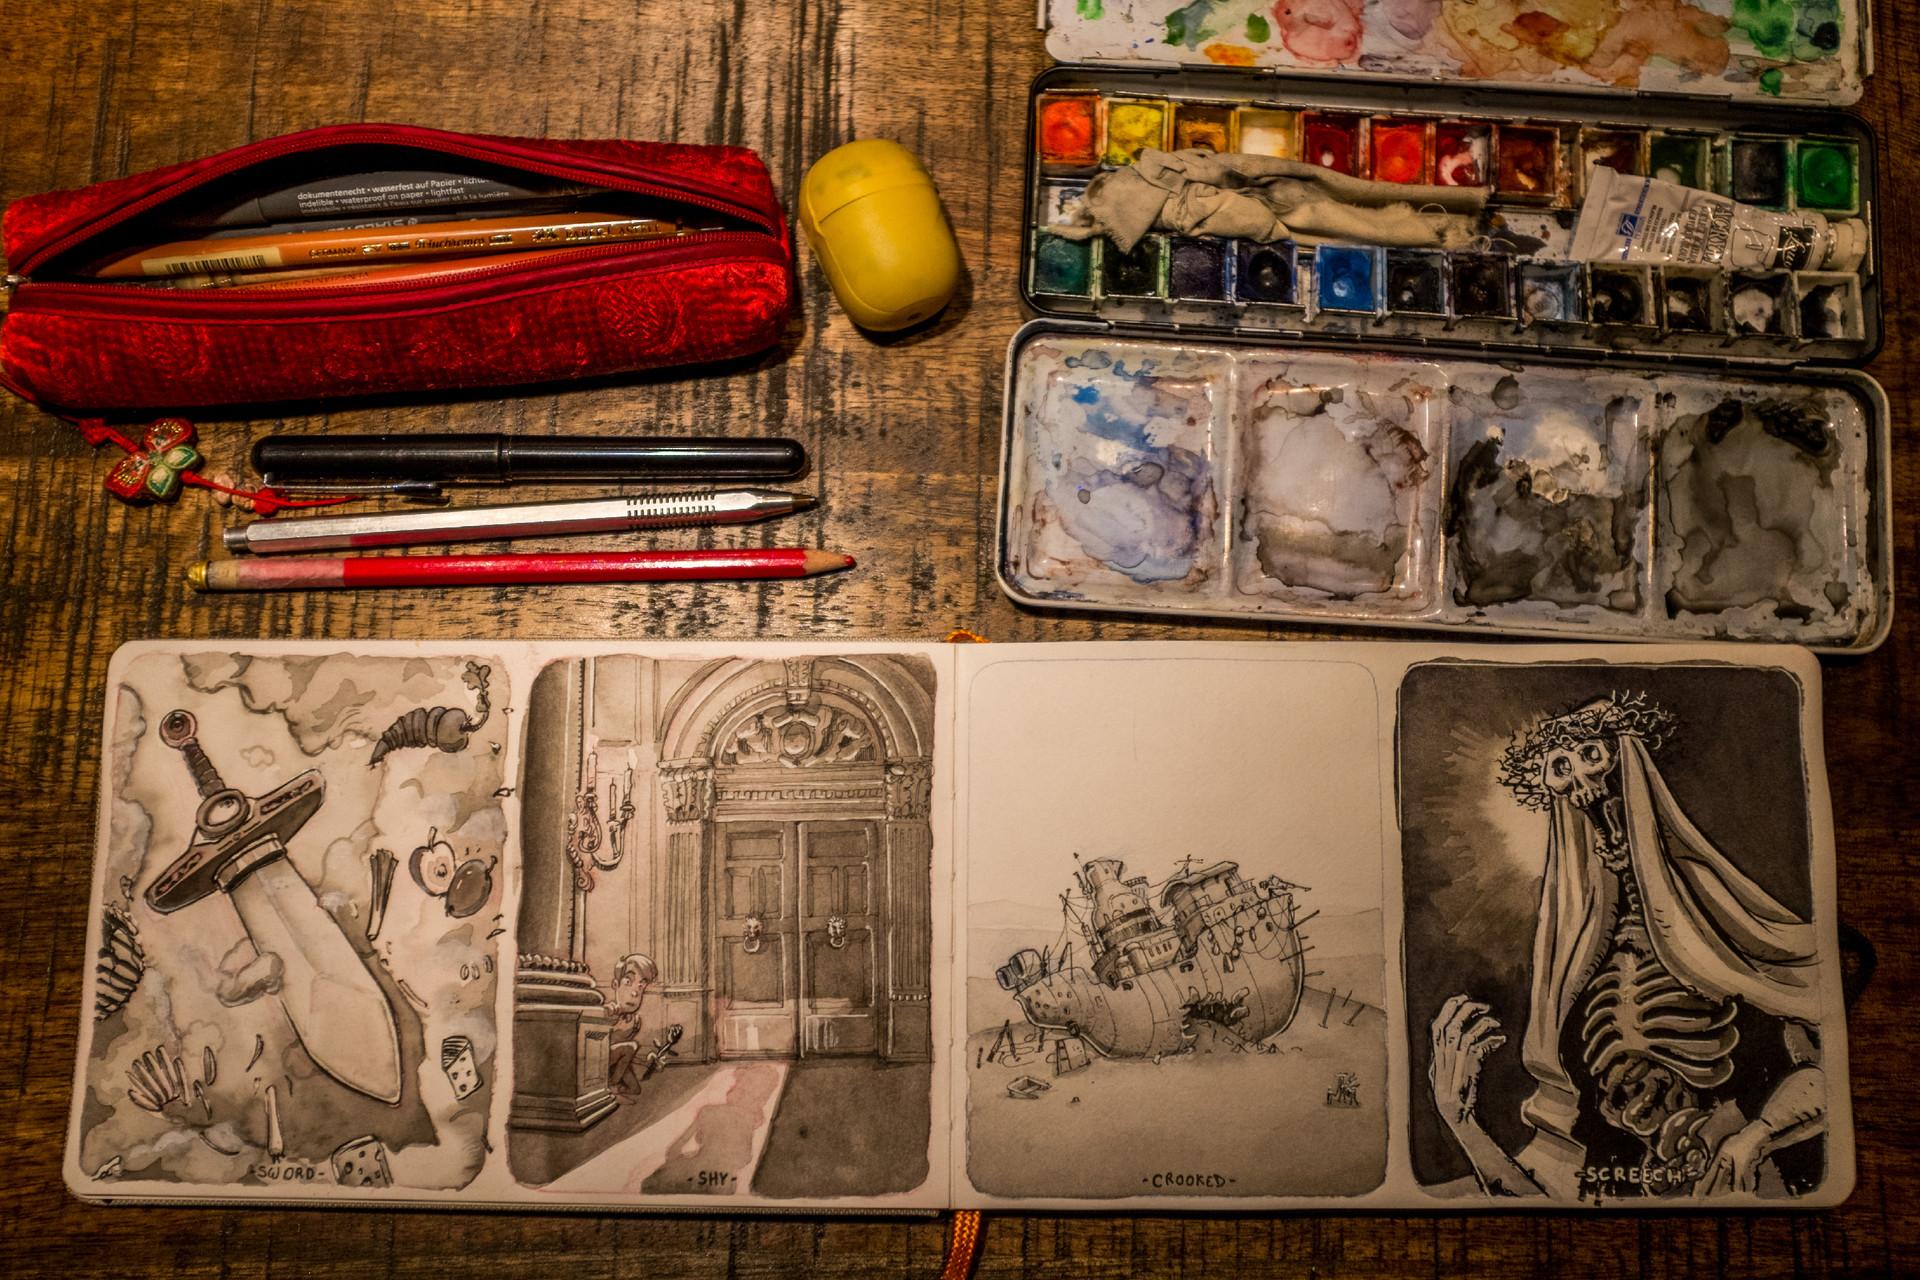 Vincent derozier vincent derozier drawings 14